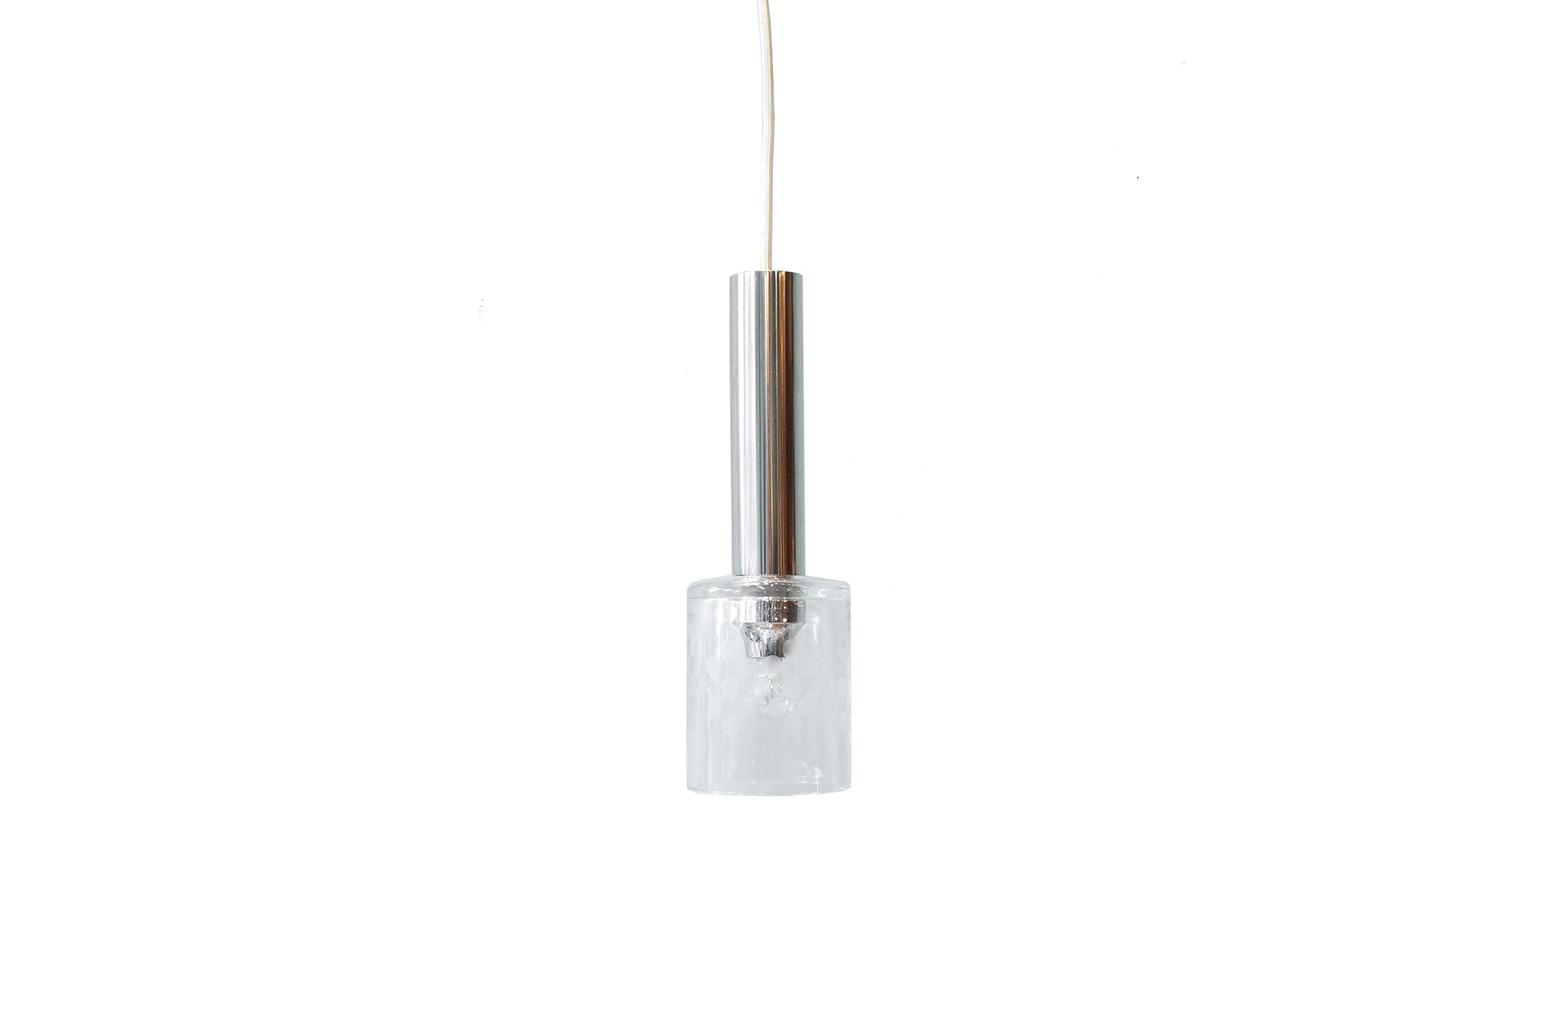 Japanese Vintage Glass Shade Pendant Light/ジャパンヴィンテージ ペンダントライト ガラスシェード 照明 レトロモダン